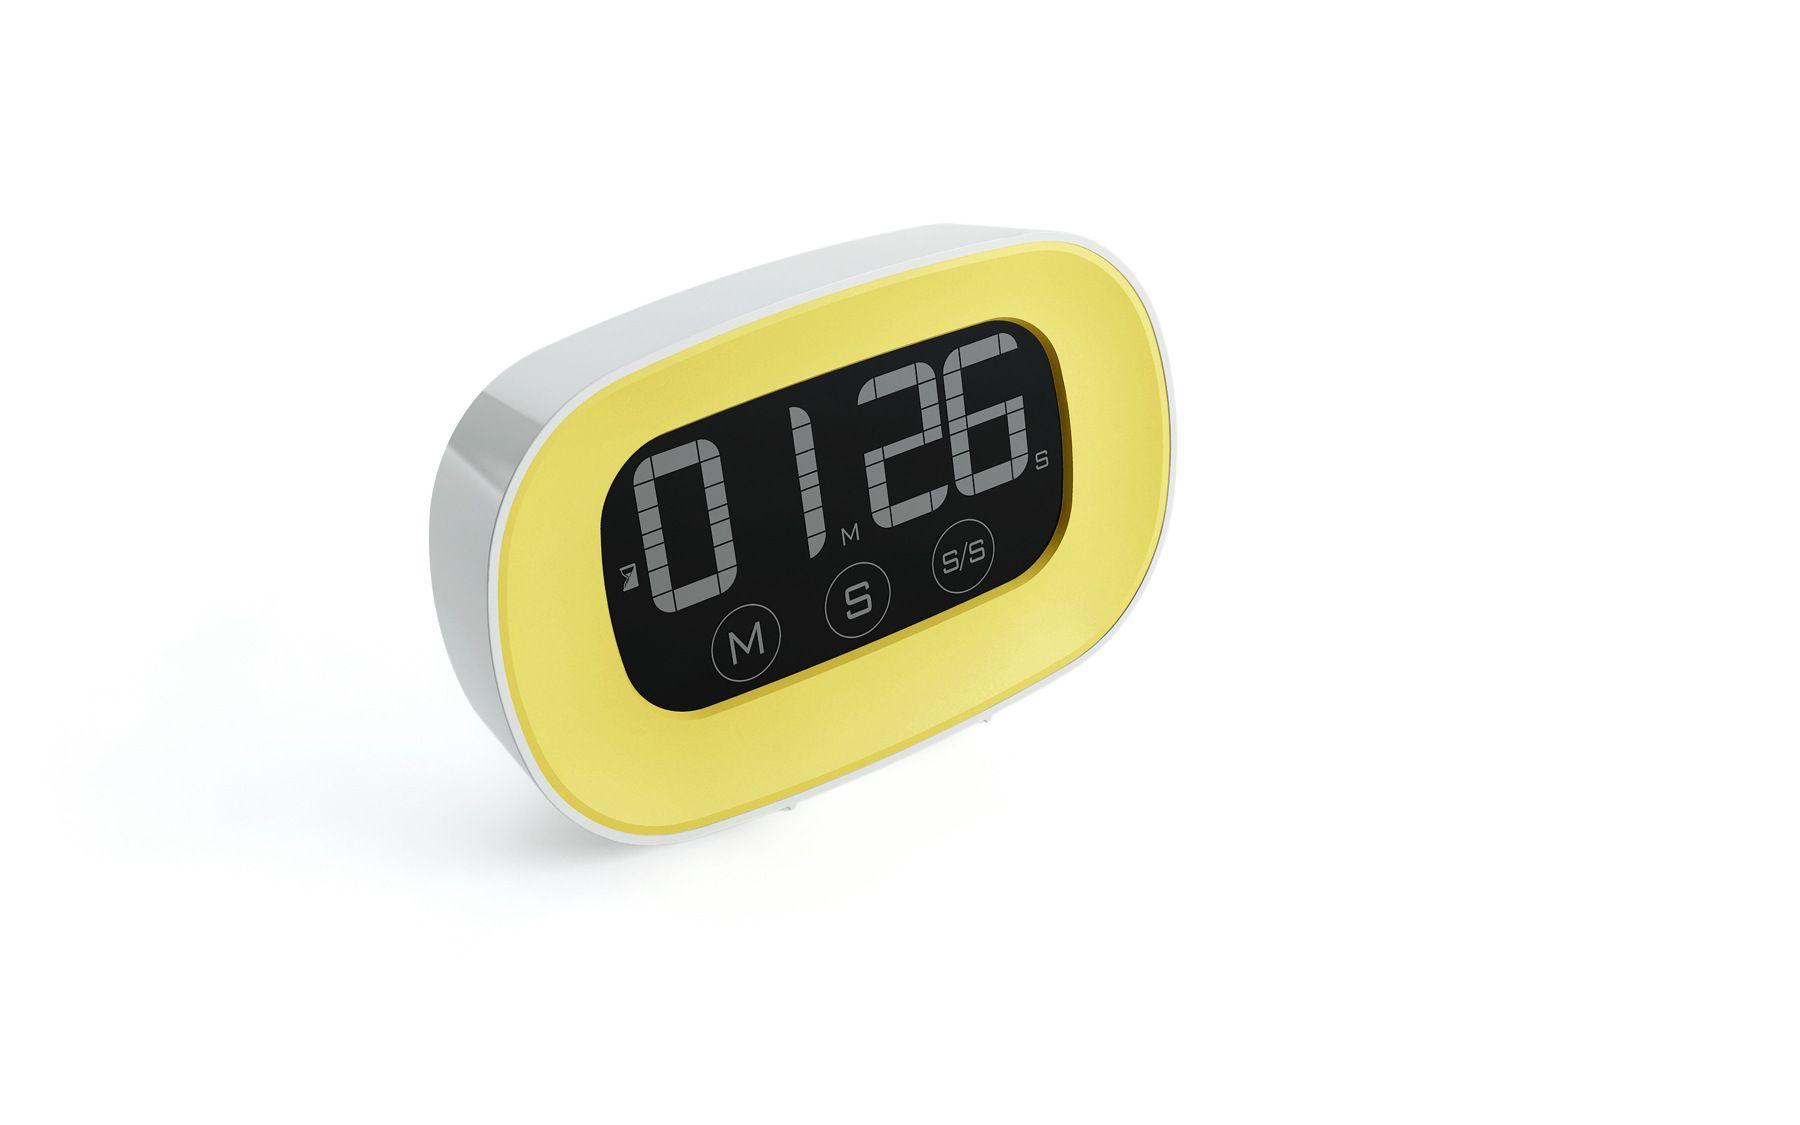 Toque no temporizador A contagem regressiva eletrônica do temporizador da tela do LCD da cozinha da cozinha